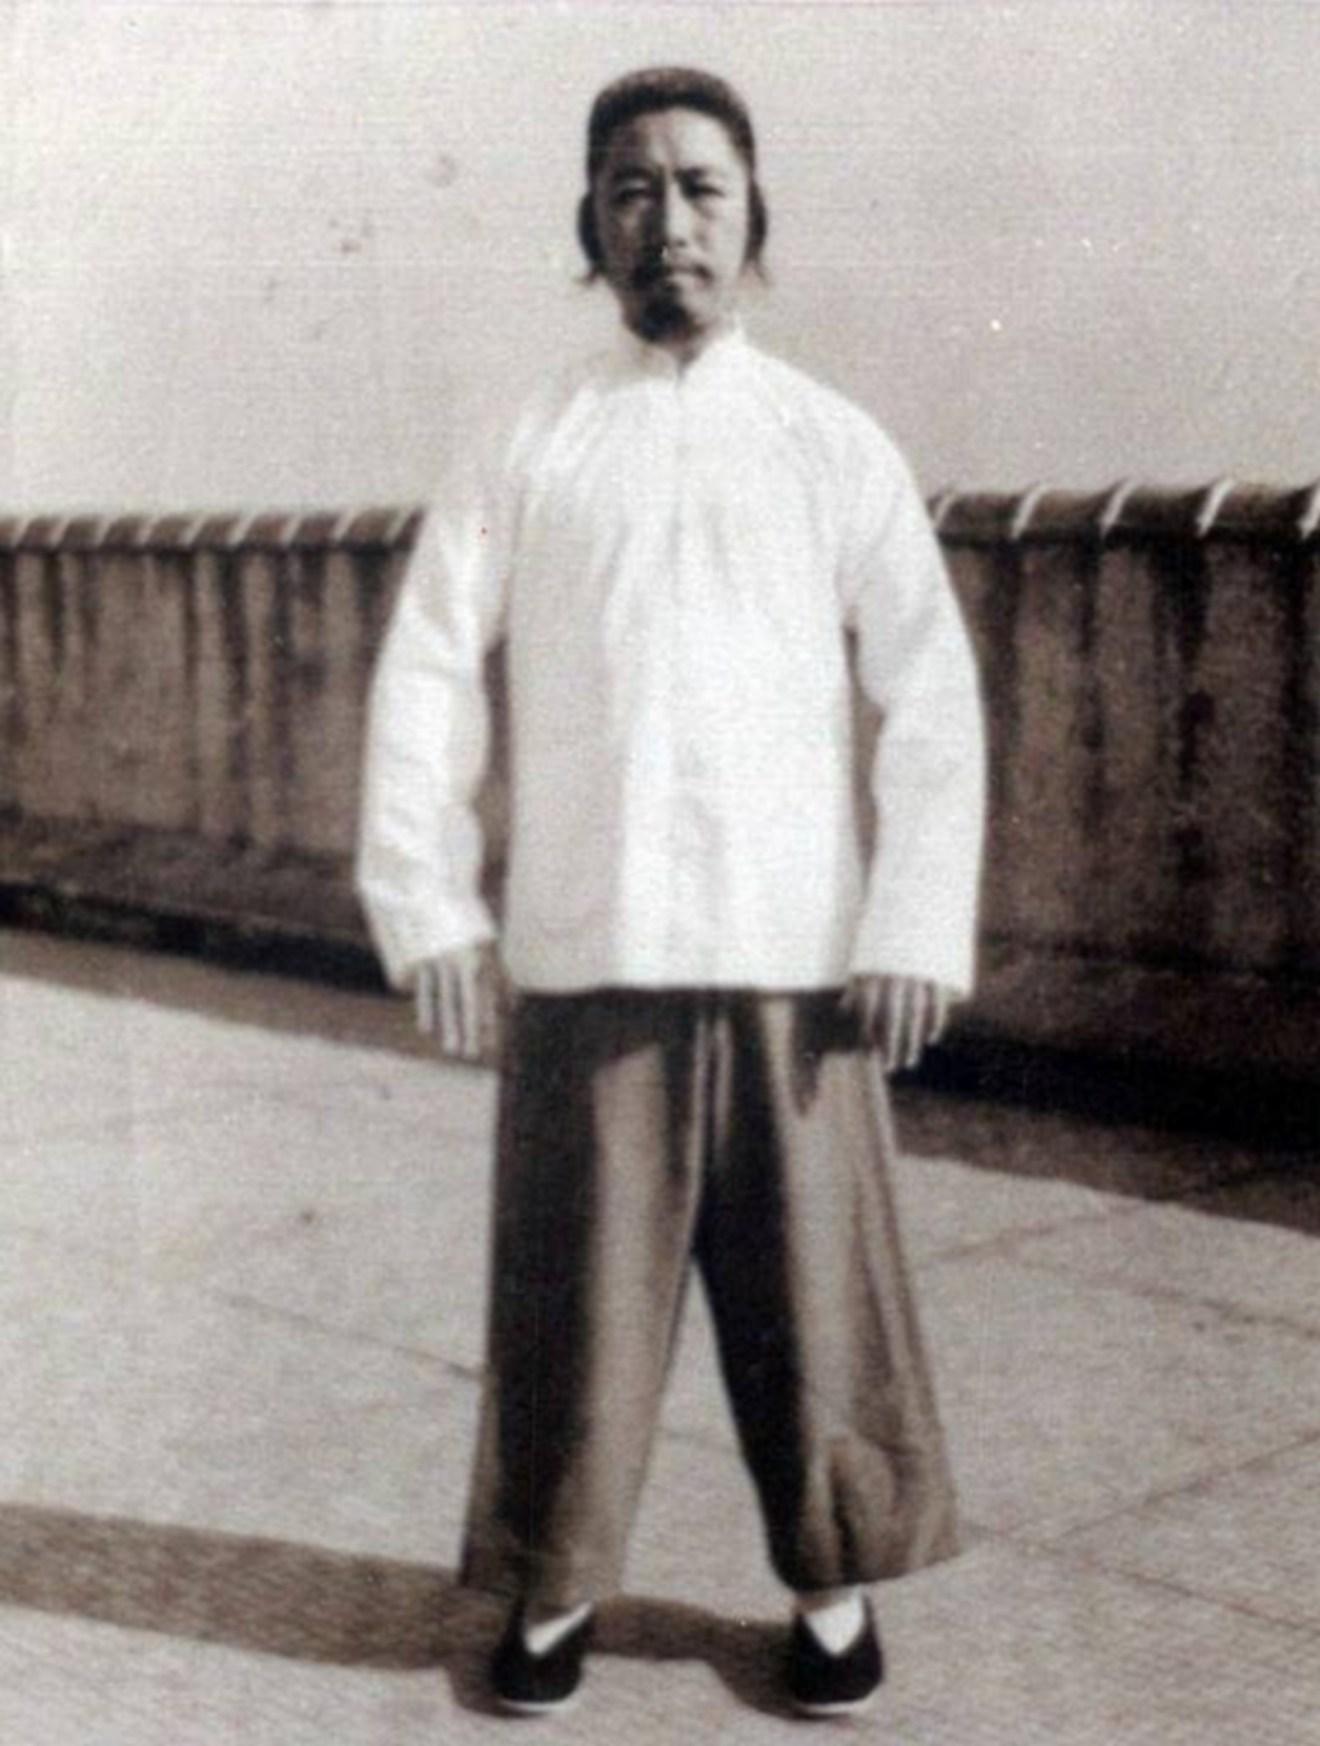 Cheng Man Ching, Préparation de la forme, Commencement